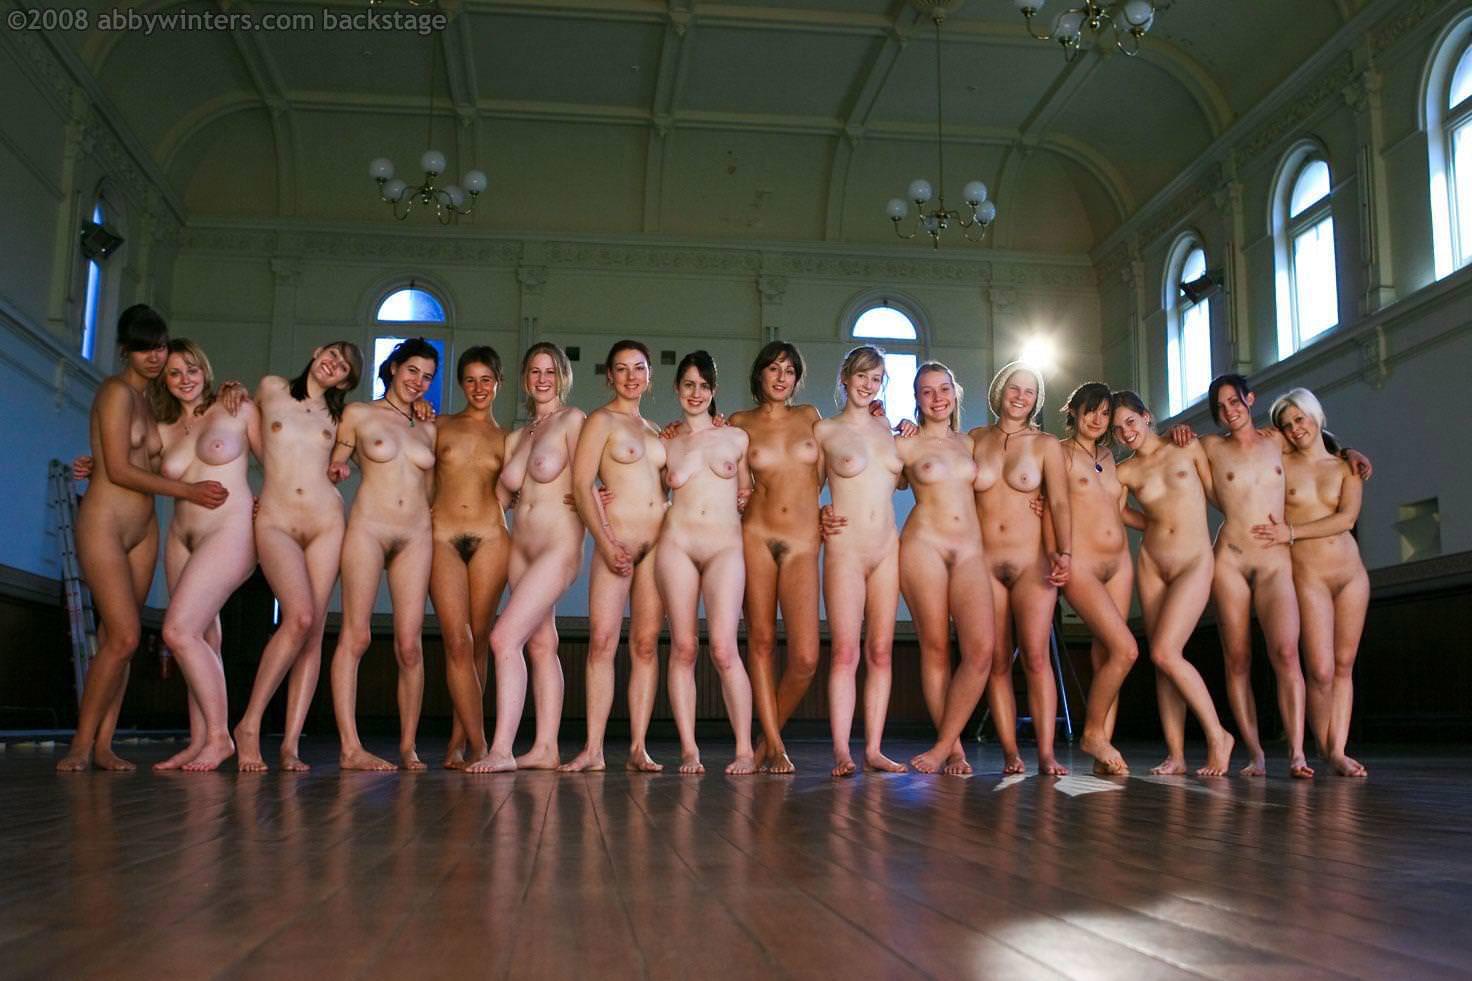 大人数の女性の全裸 1